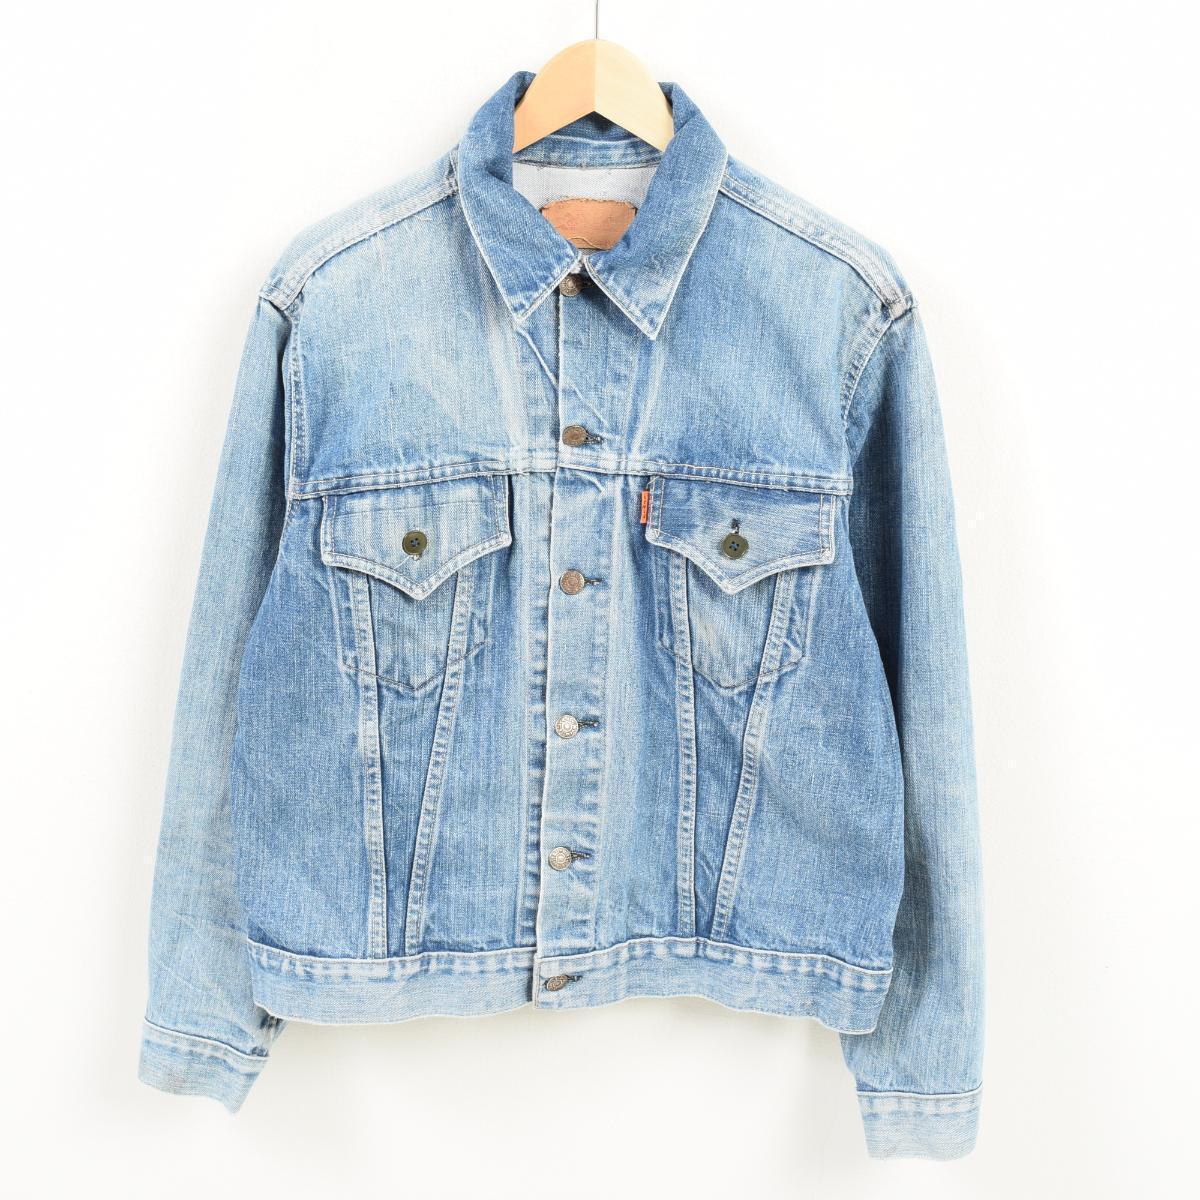 70s Levis Levis 70505 0217 Denim Jacket G Jean 42 Mens M Vintage Wak8974